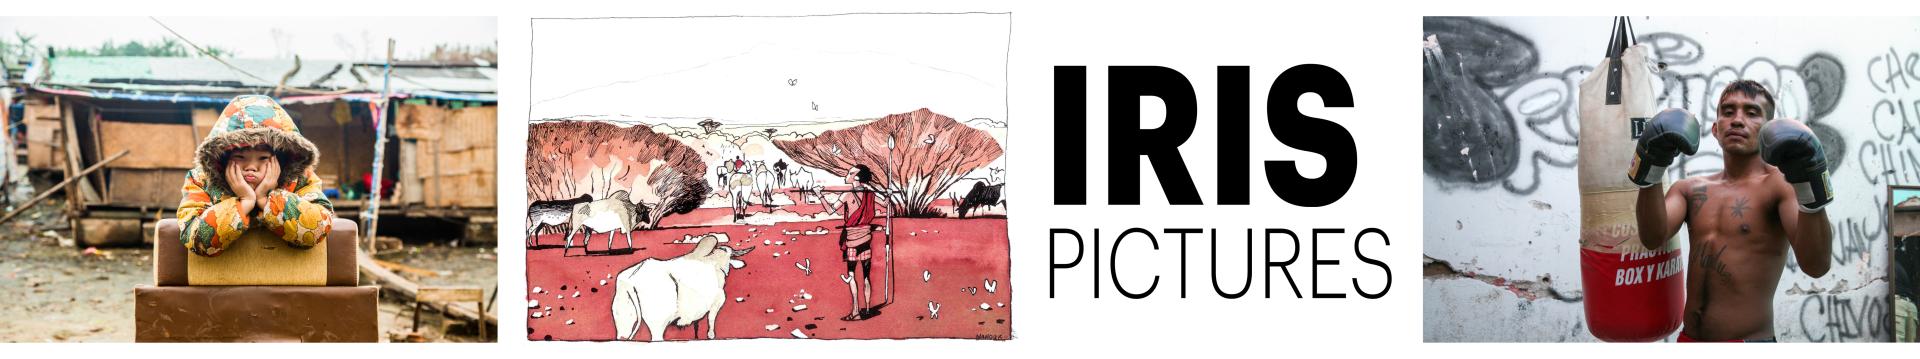 Adhésion 2015 - Iris Pictures